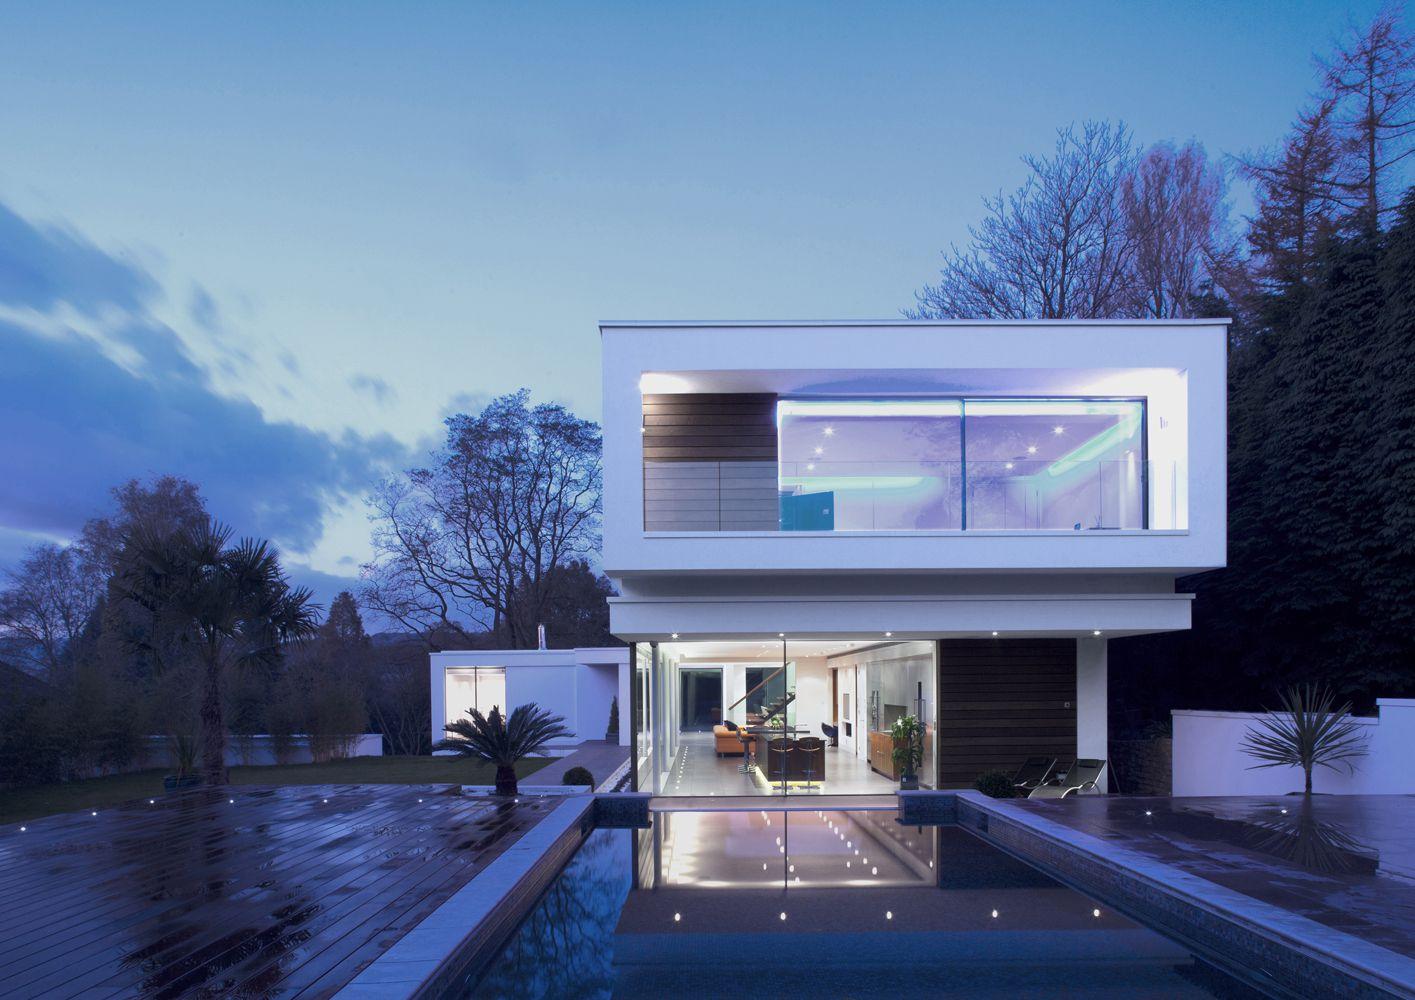 51b9e710b3fc4bd12a000009_white-lodge-dyergrimes-architects_wl04logan